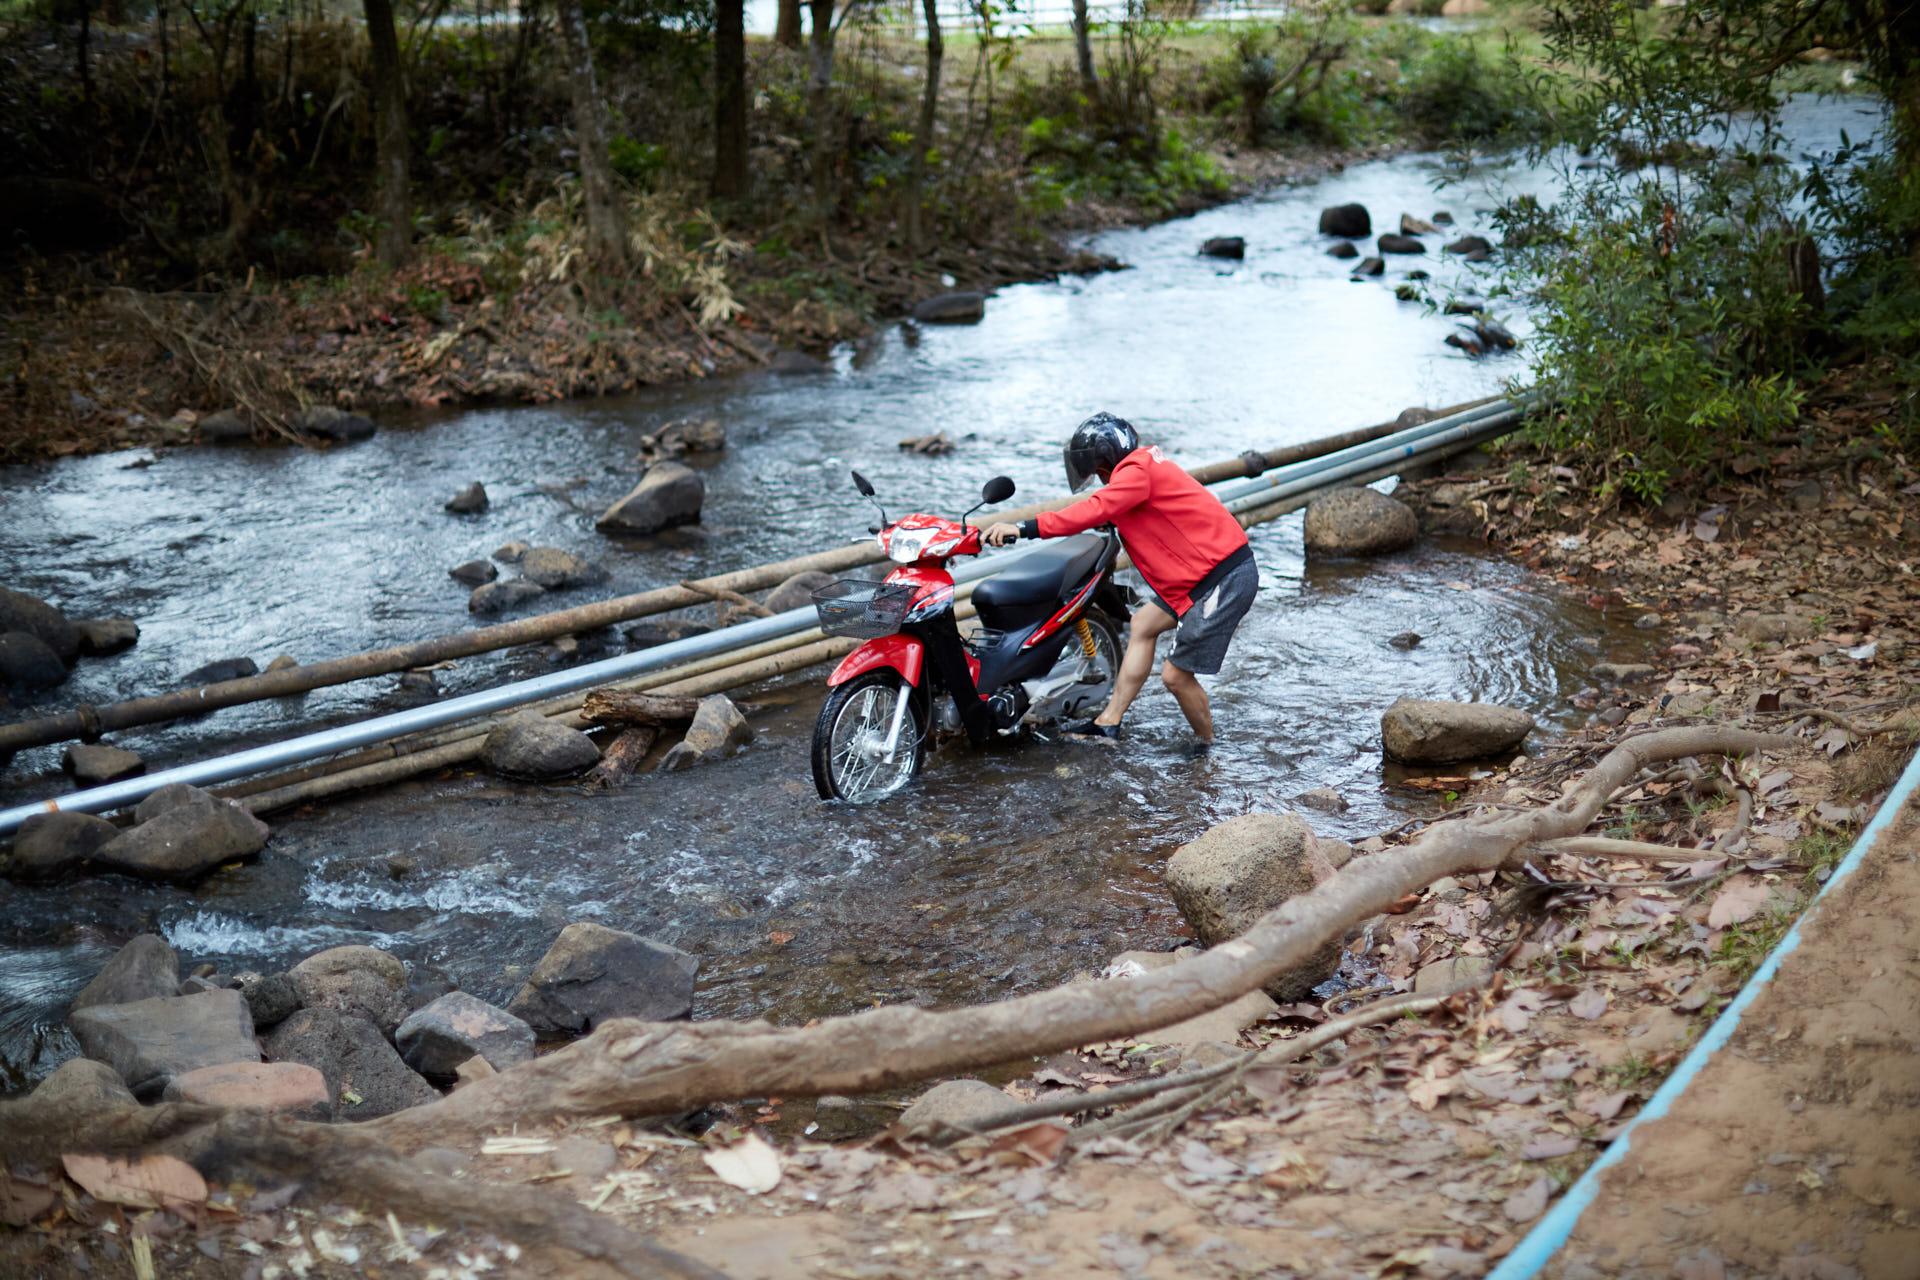 Un homme lave son scooter dans une rivière